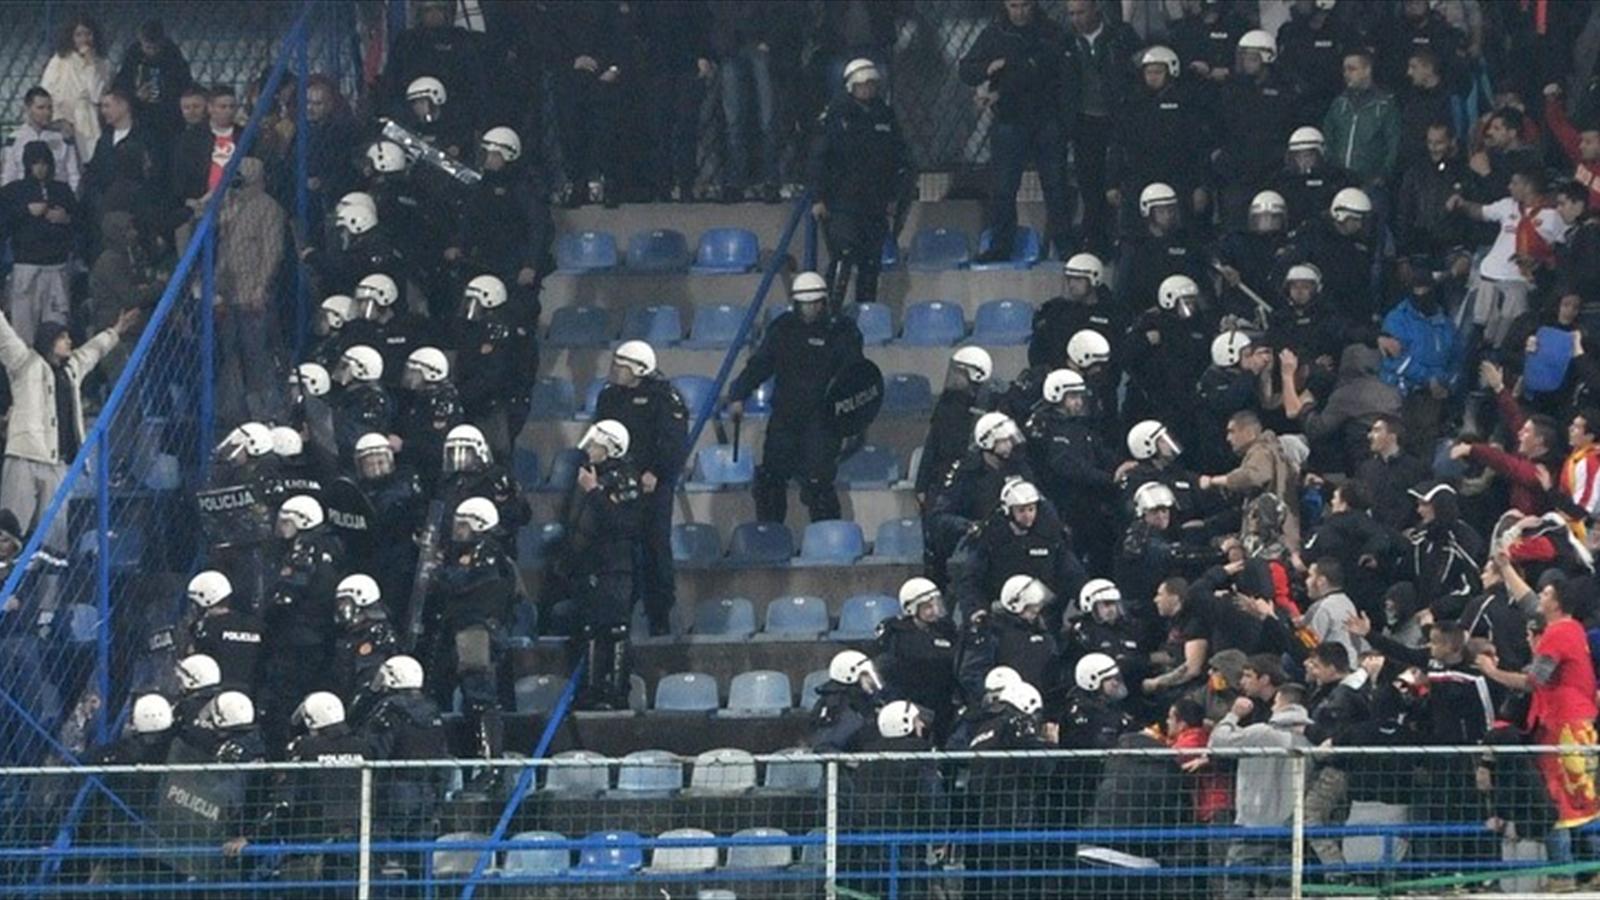 Беспорядки фанатов на матче Черногория - Россия